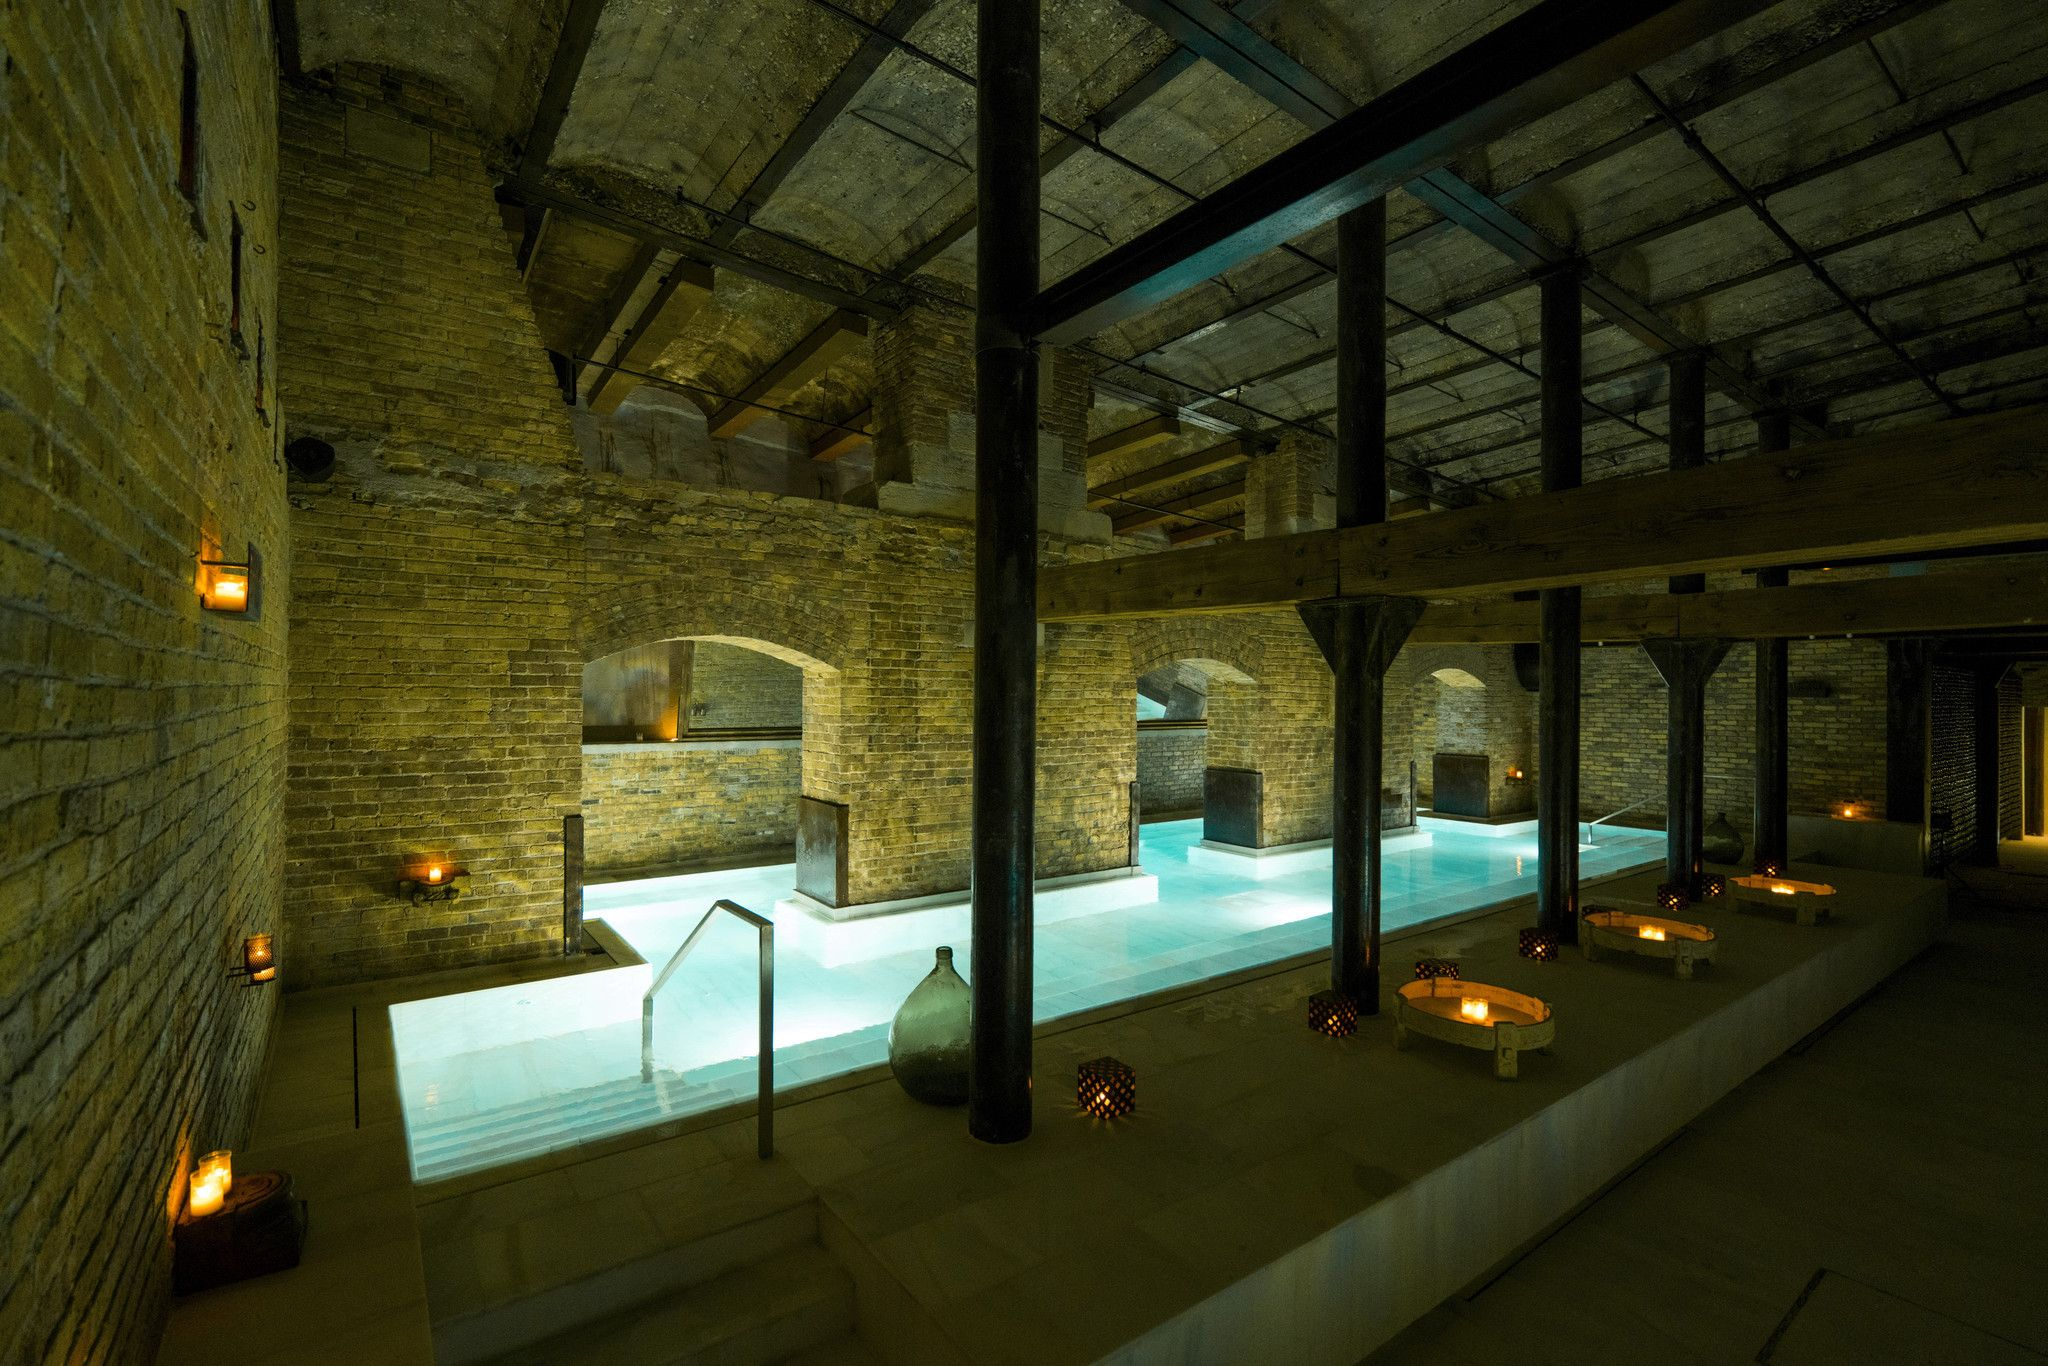 Aire Ancient Baths Roman Bath House Bath House Indoor Outdoor Pool